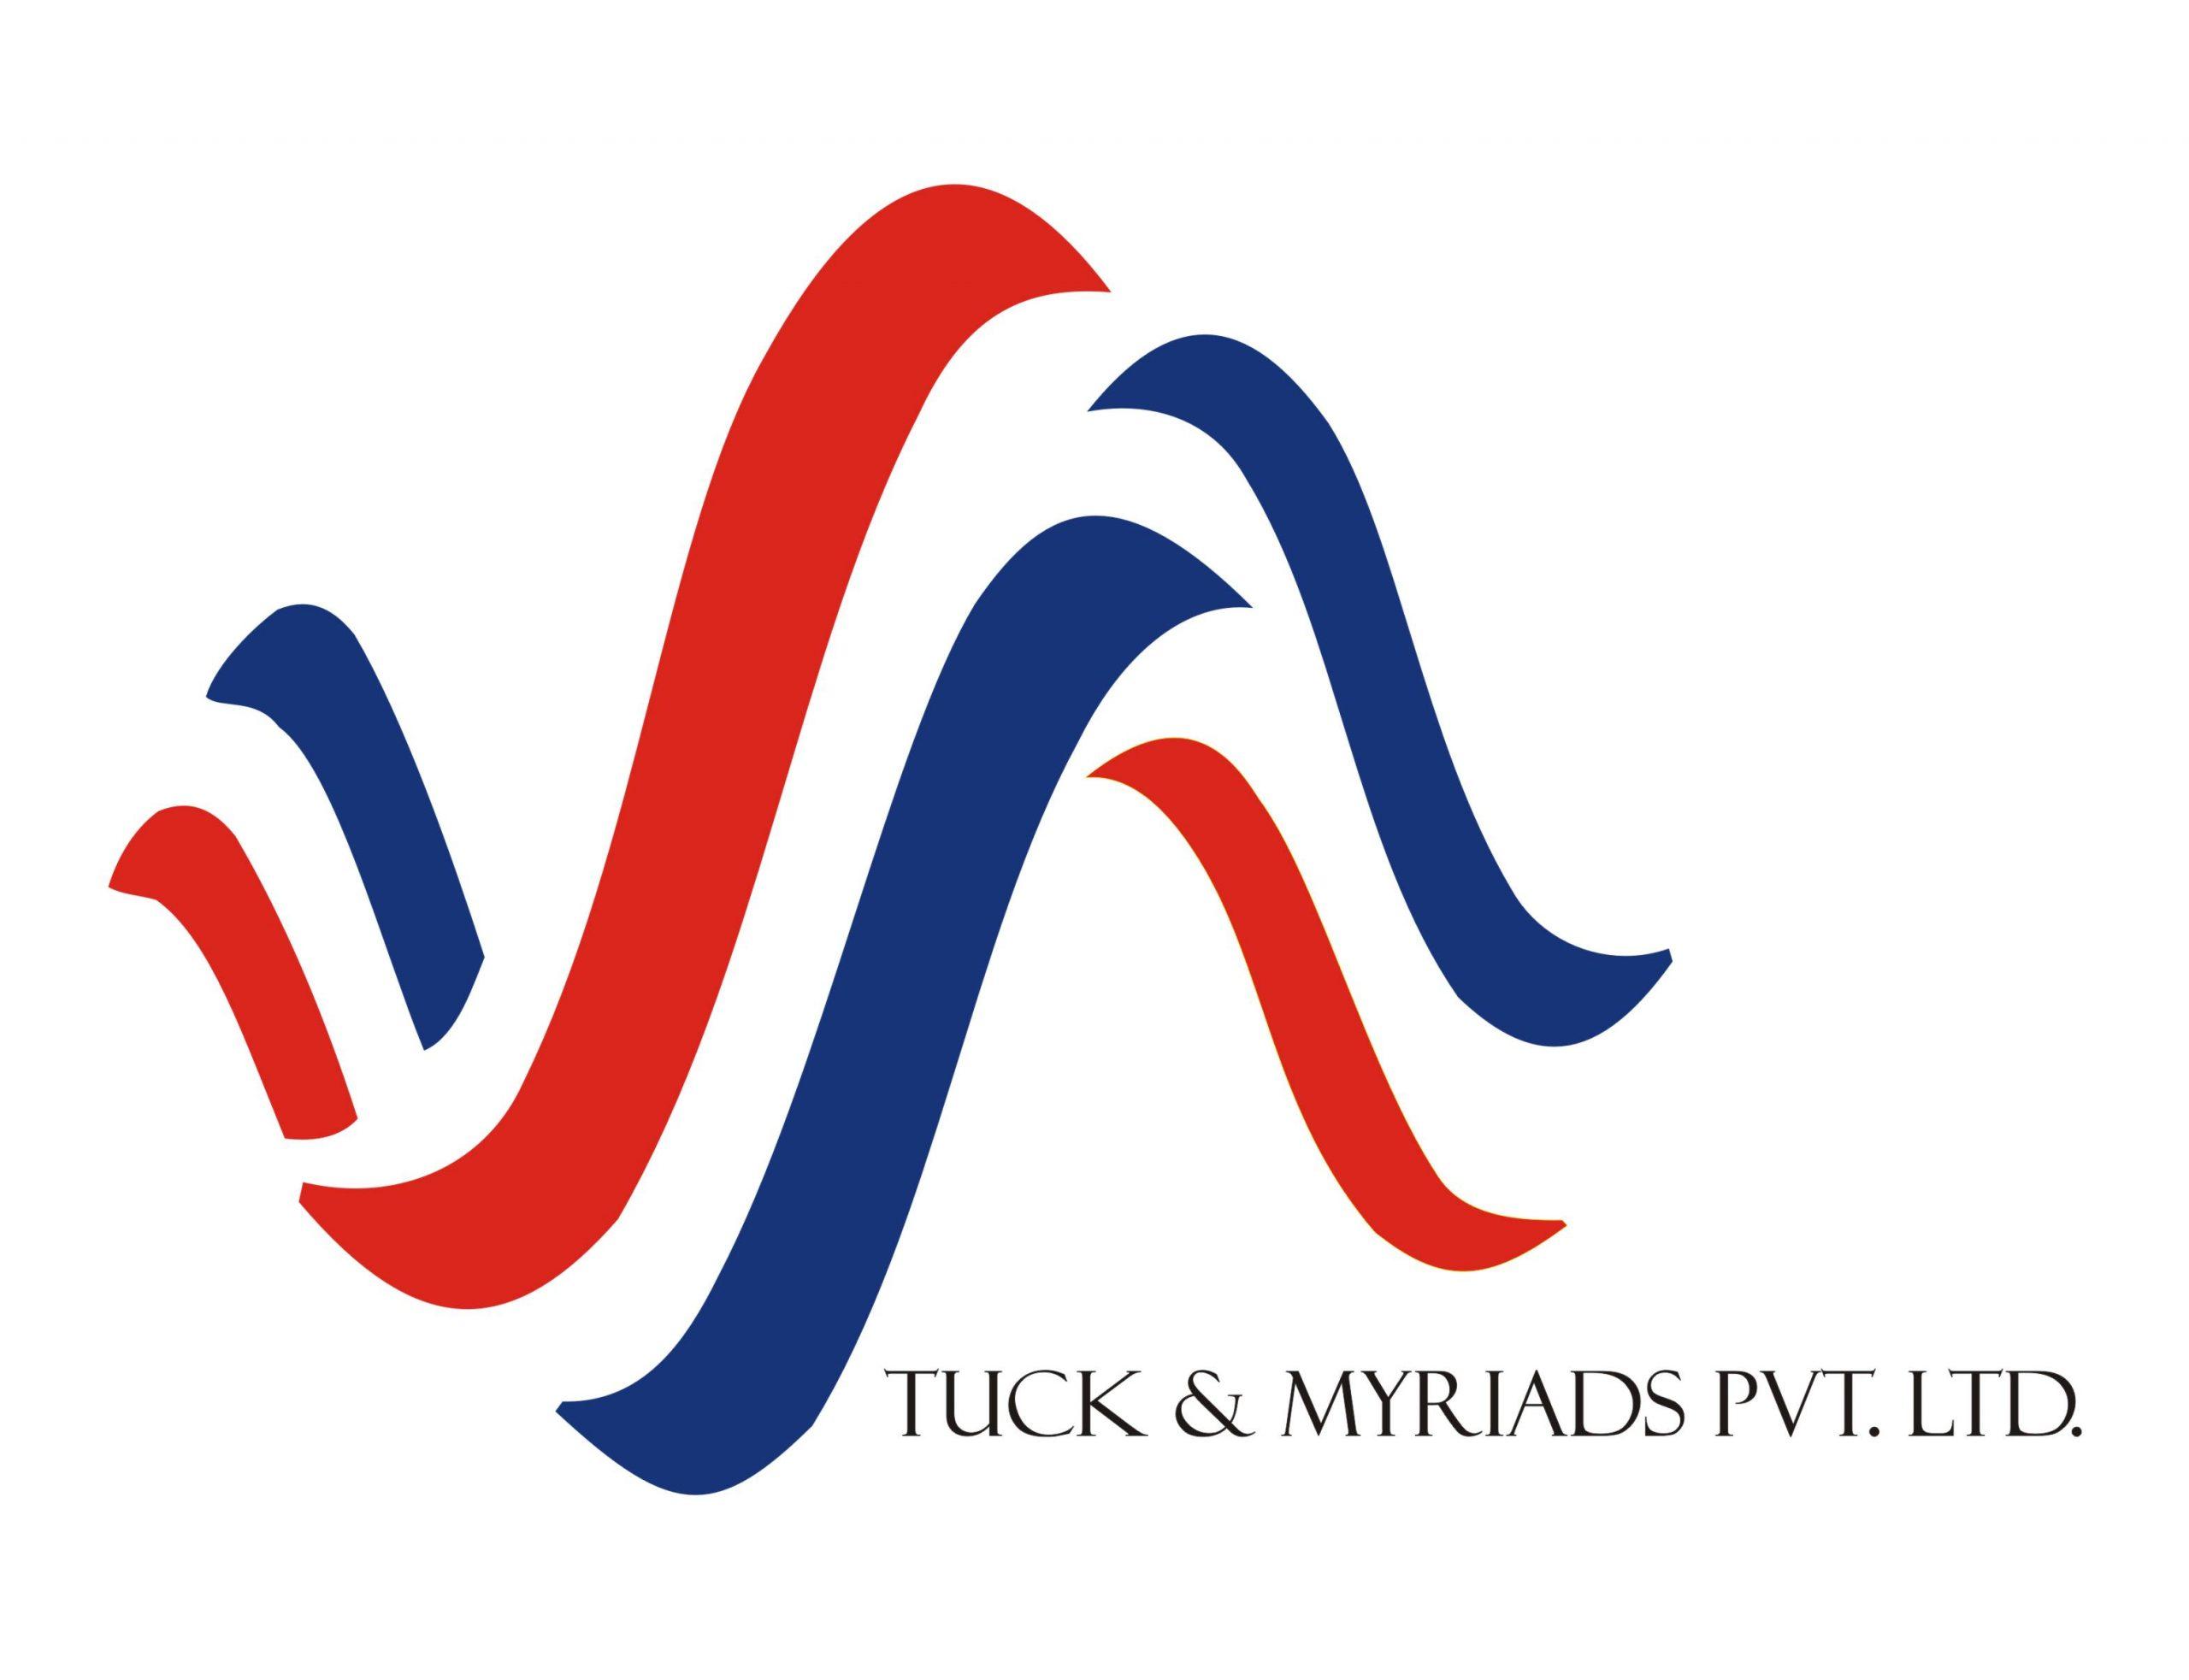 Tuck & Myriads Pvt Ltd